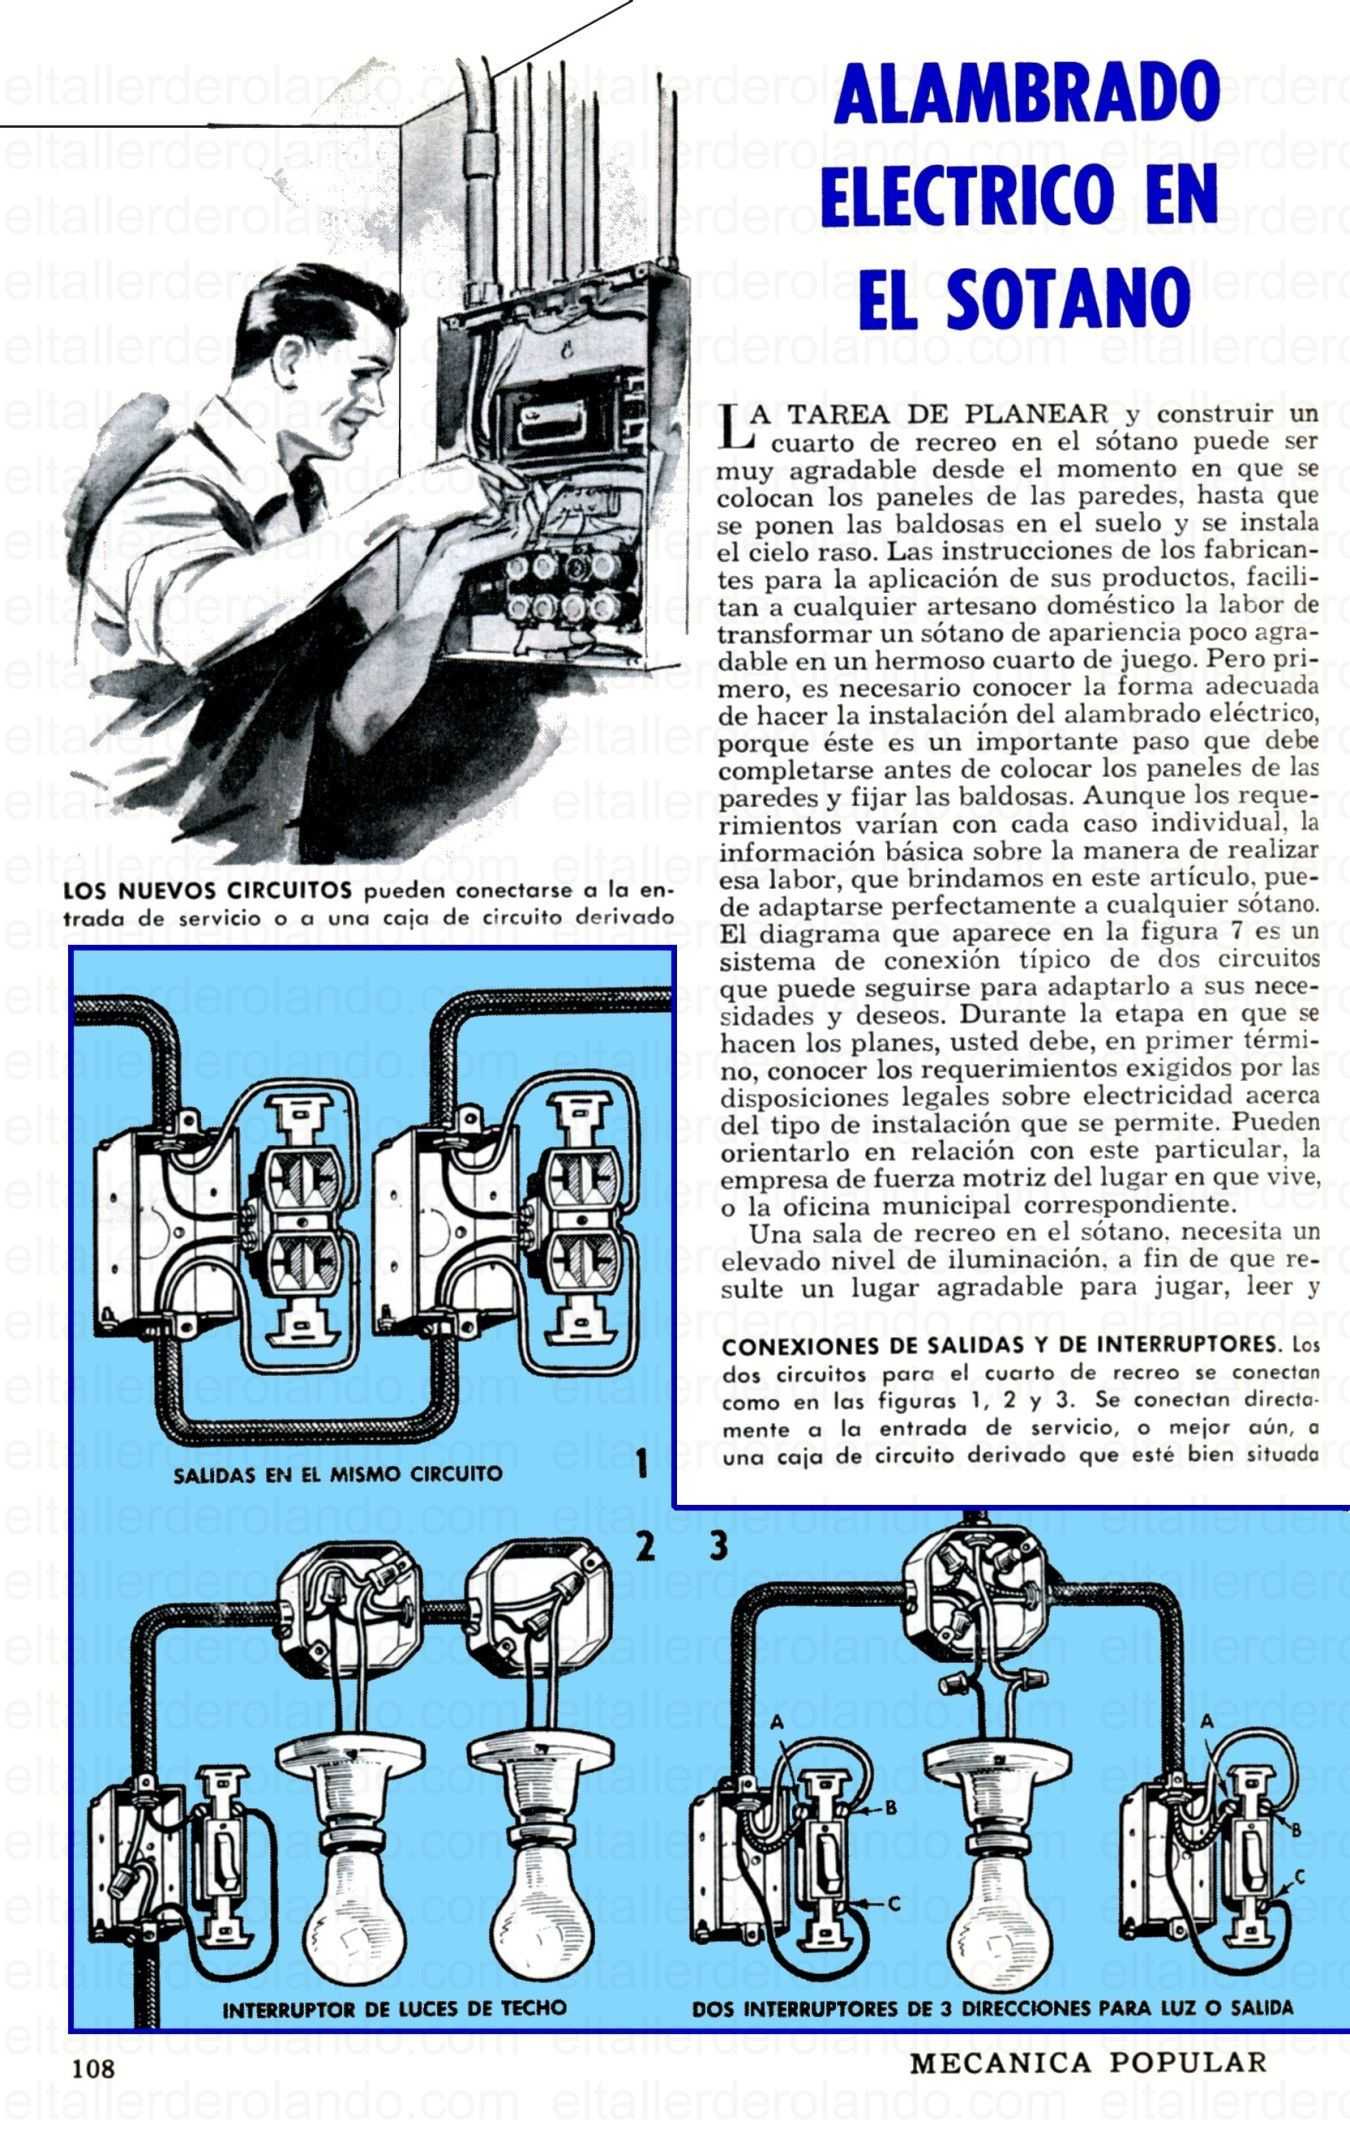 ALAMBRADO ELECTRICO EN EL SOTANO DICIEMBRE 1960 001 copia